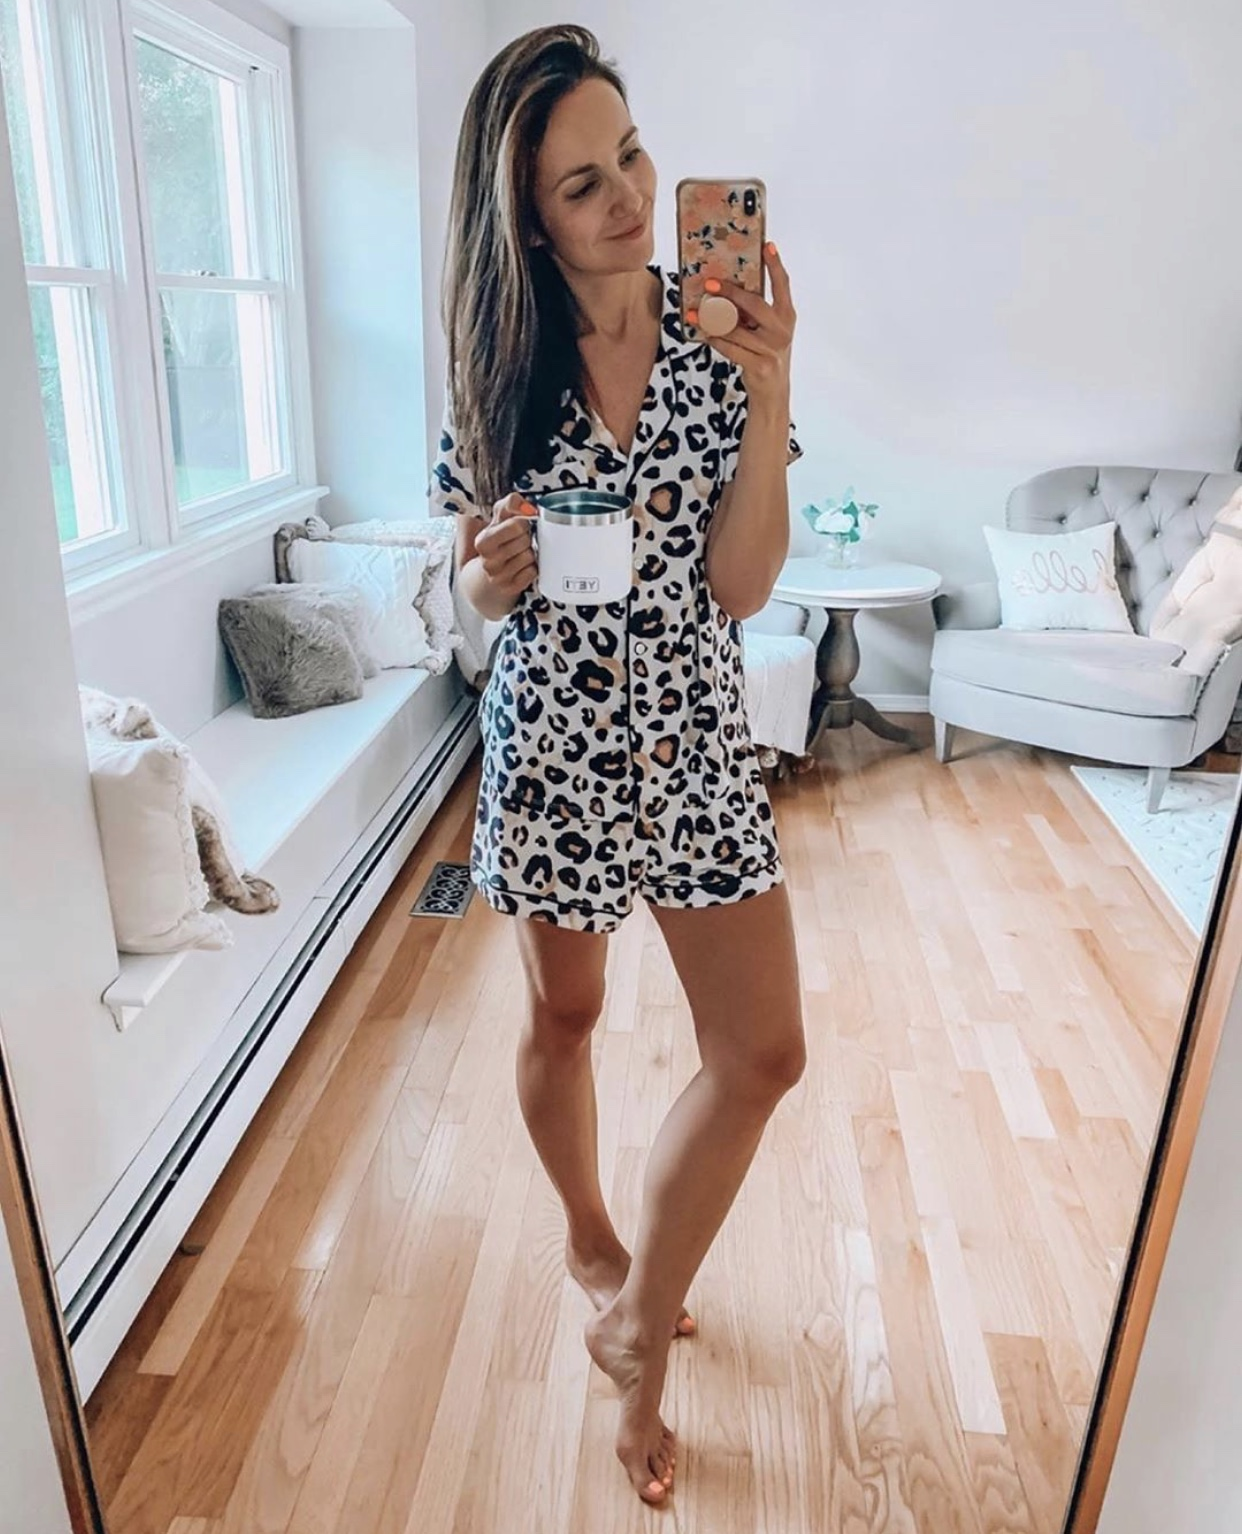 Woman wearing leopard print PJs